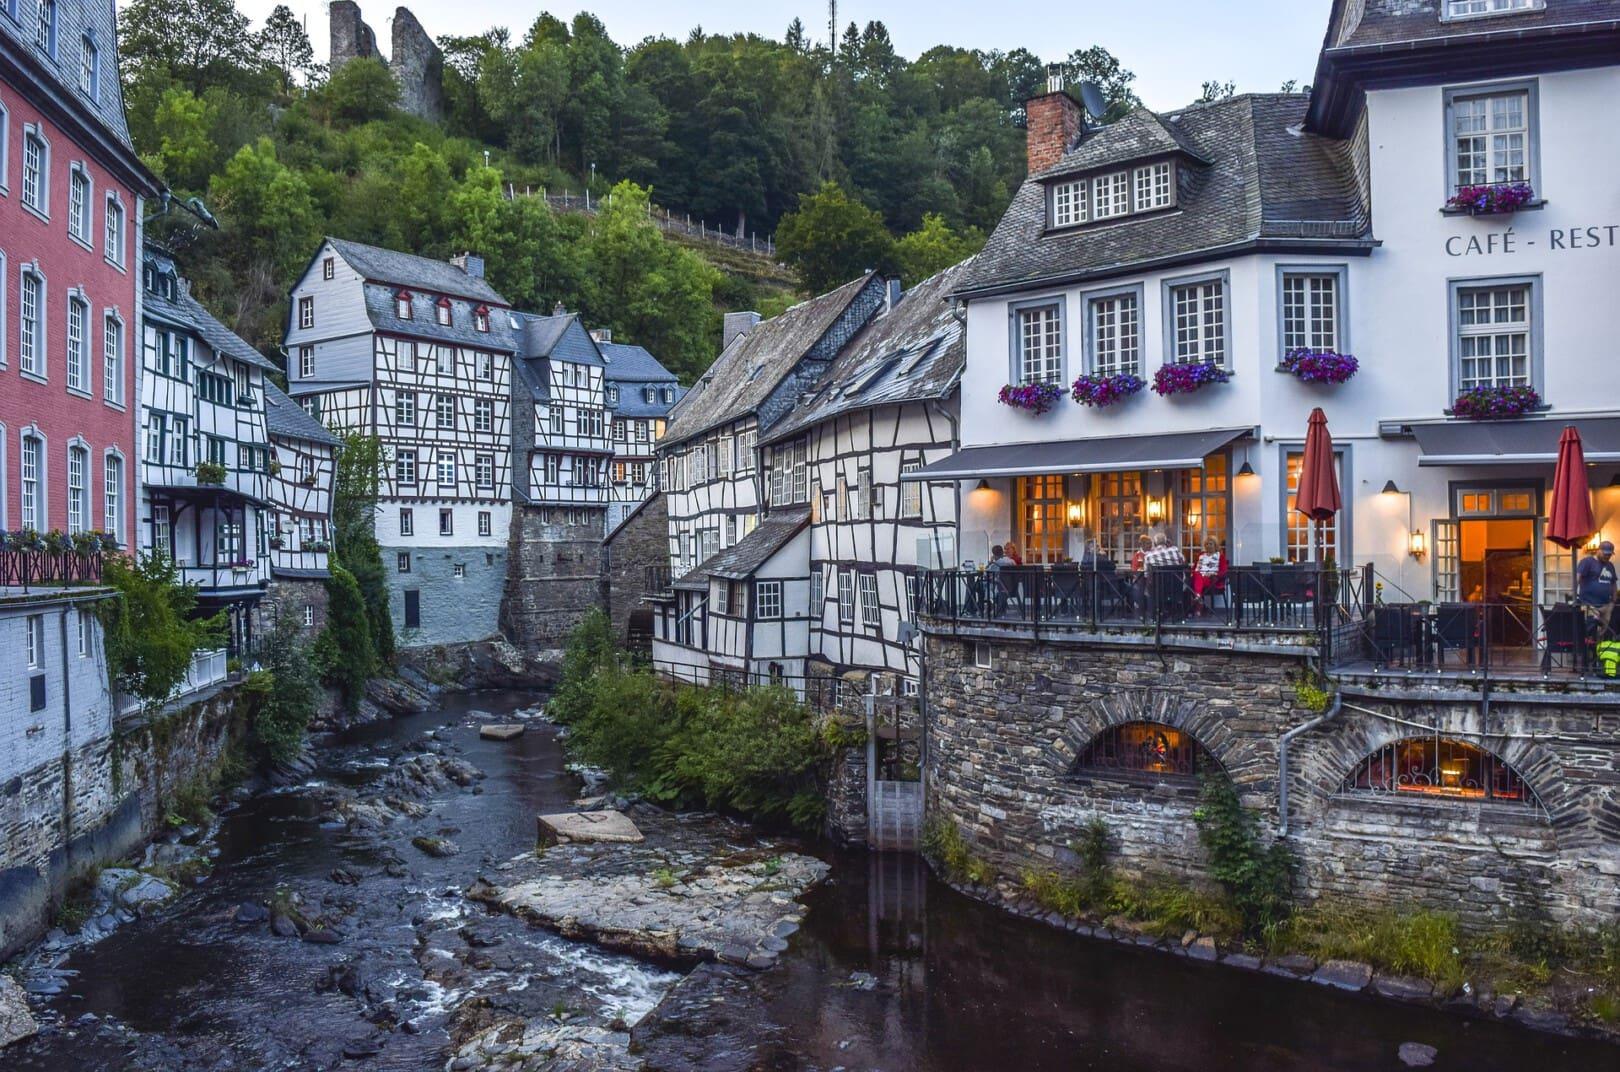 city 4390142 1920 - Dit zijn de 12 leukste dorpjes en kleine stadjes in Duitsland om te bezoeken!